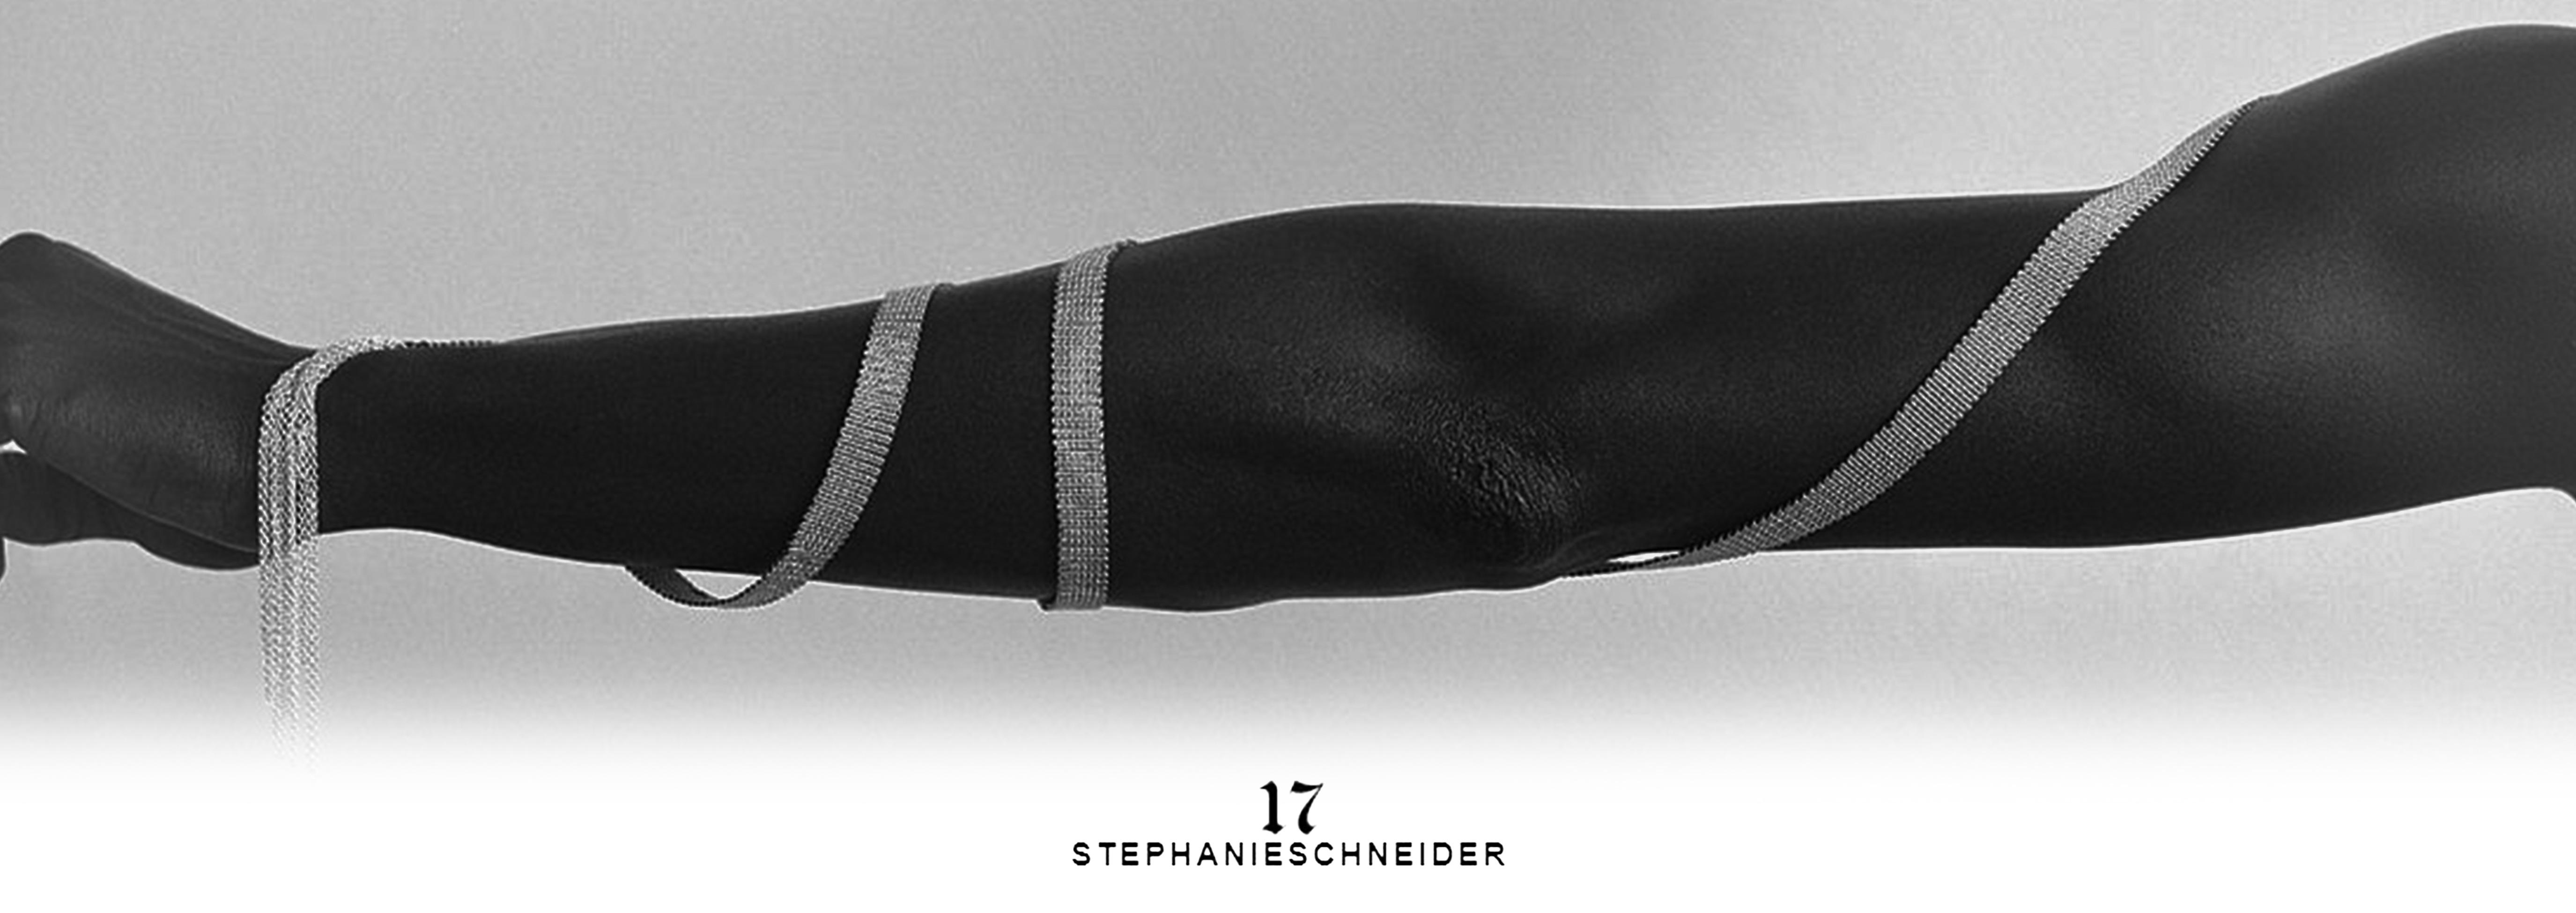 17 Stephanie Schneider